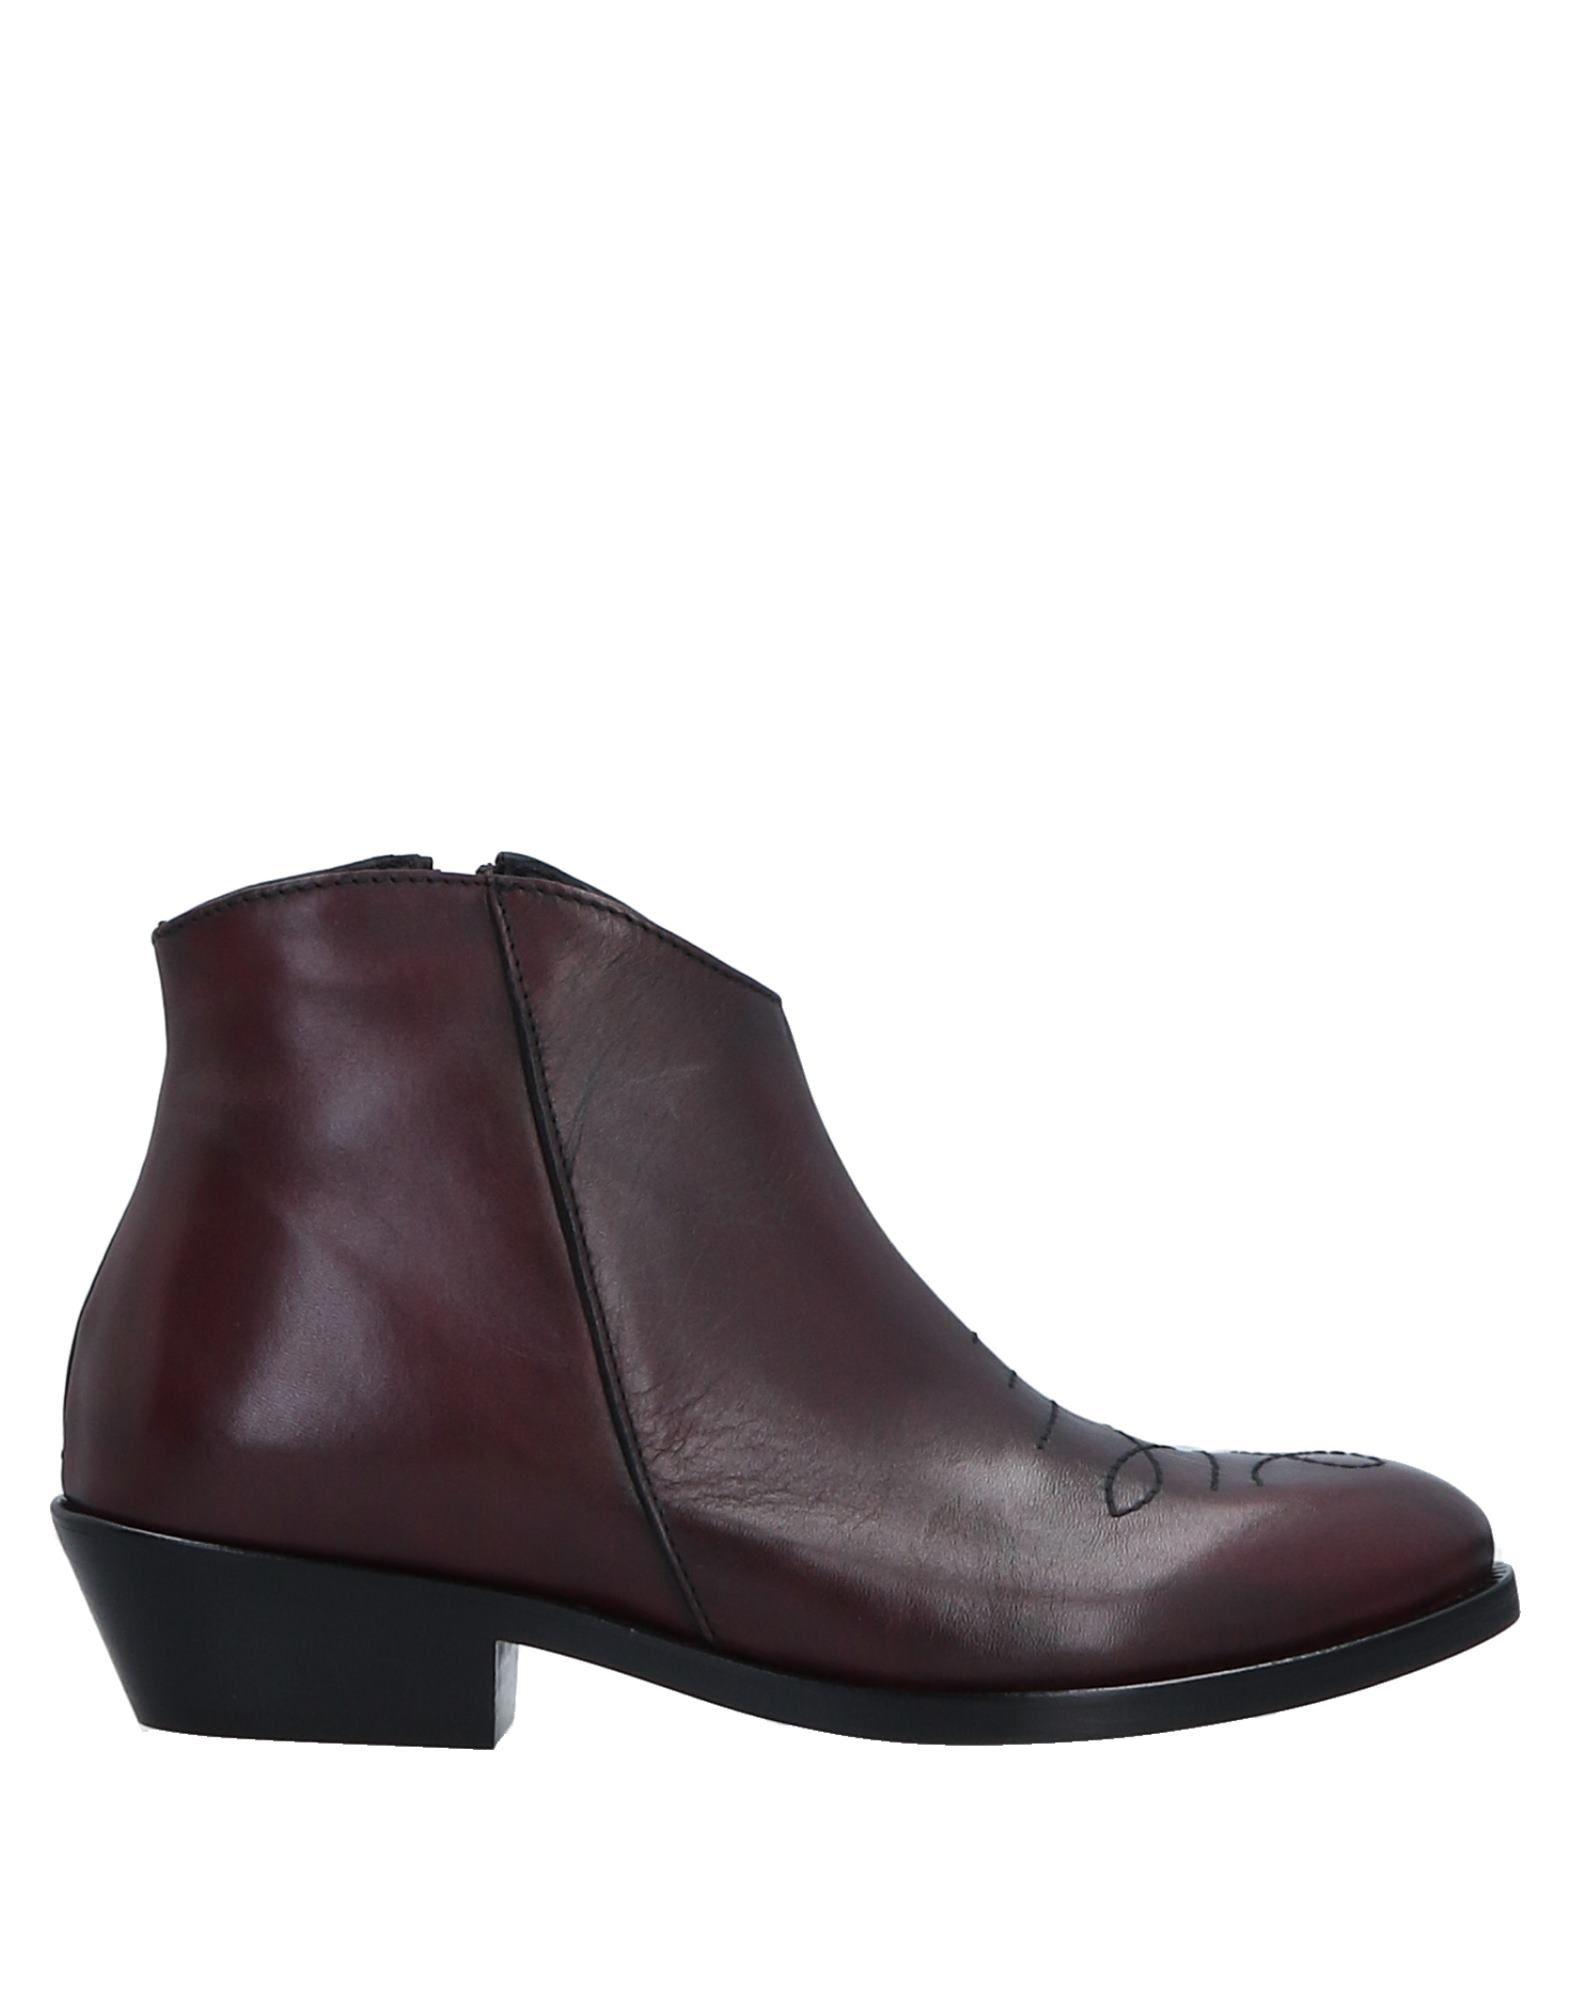 Lilimill Stiefelette Damen  11523883GS Gute Qualität beliebte Schuhe